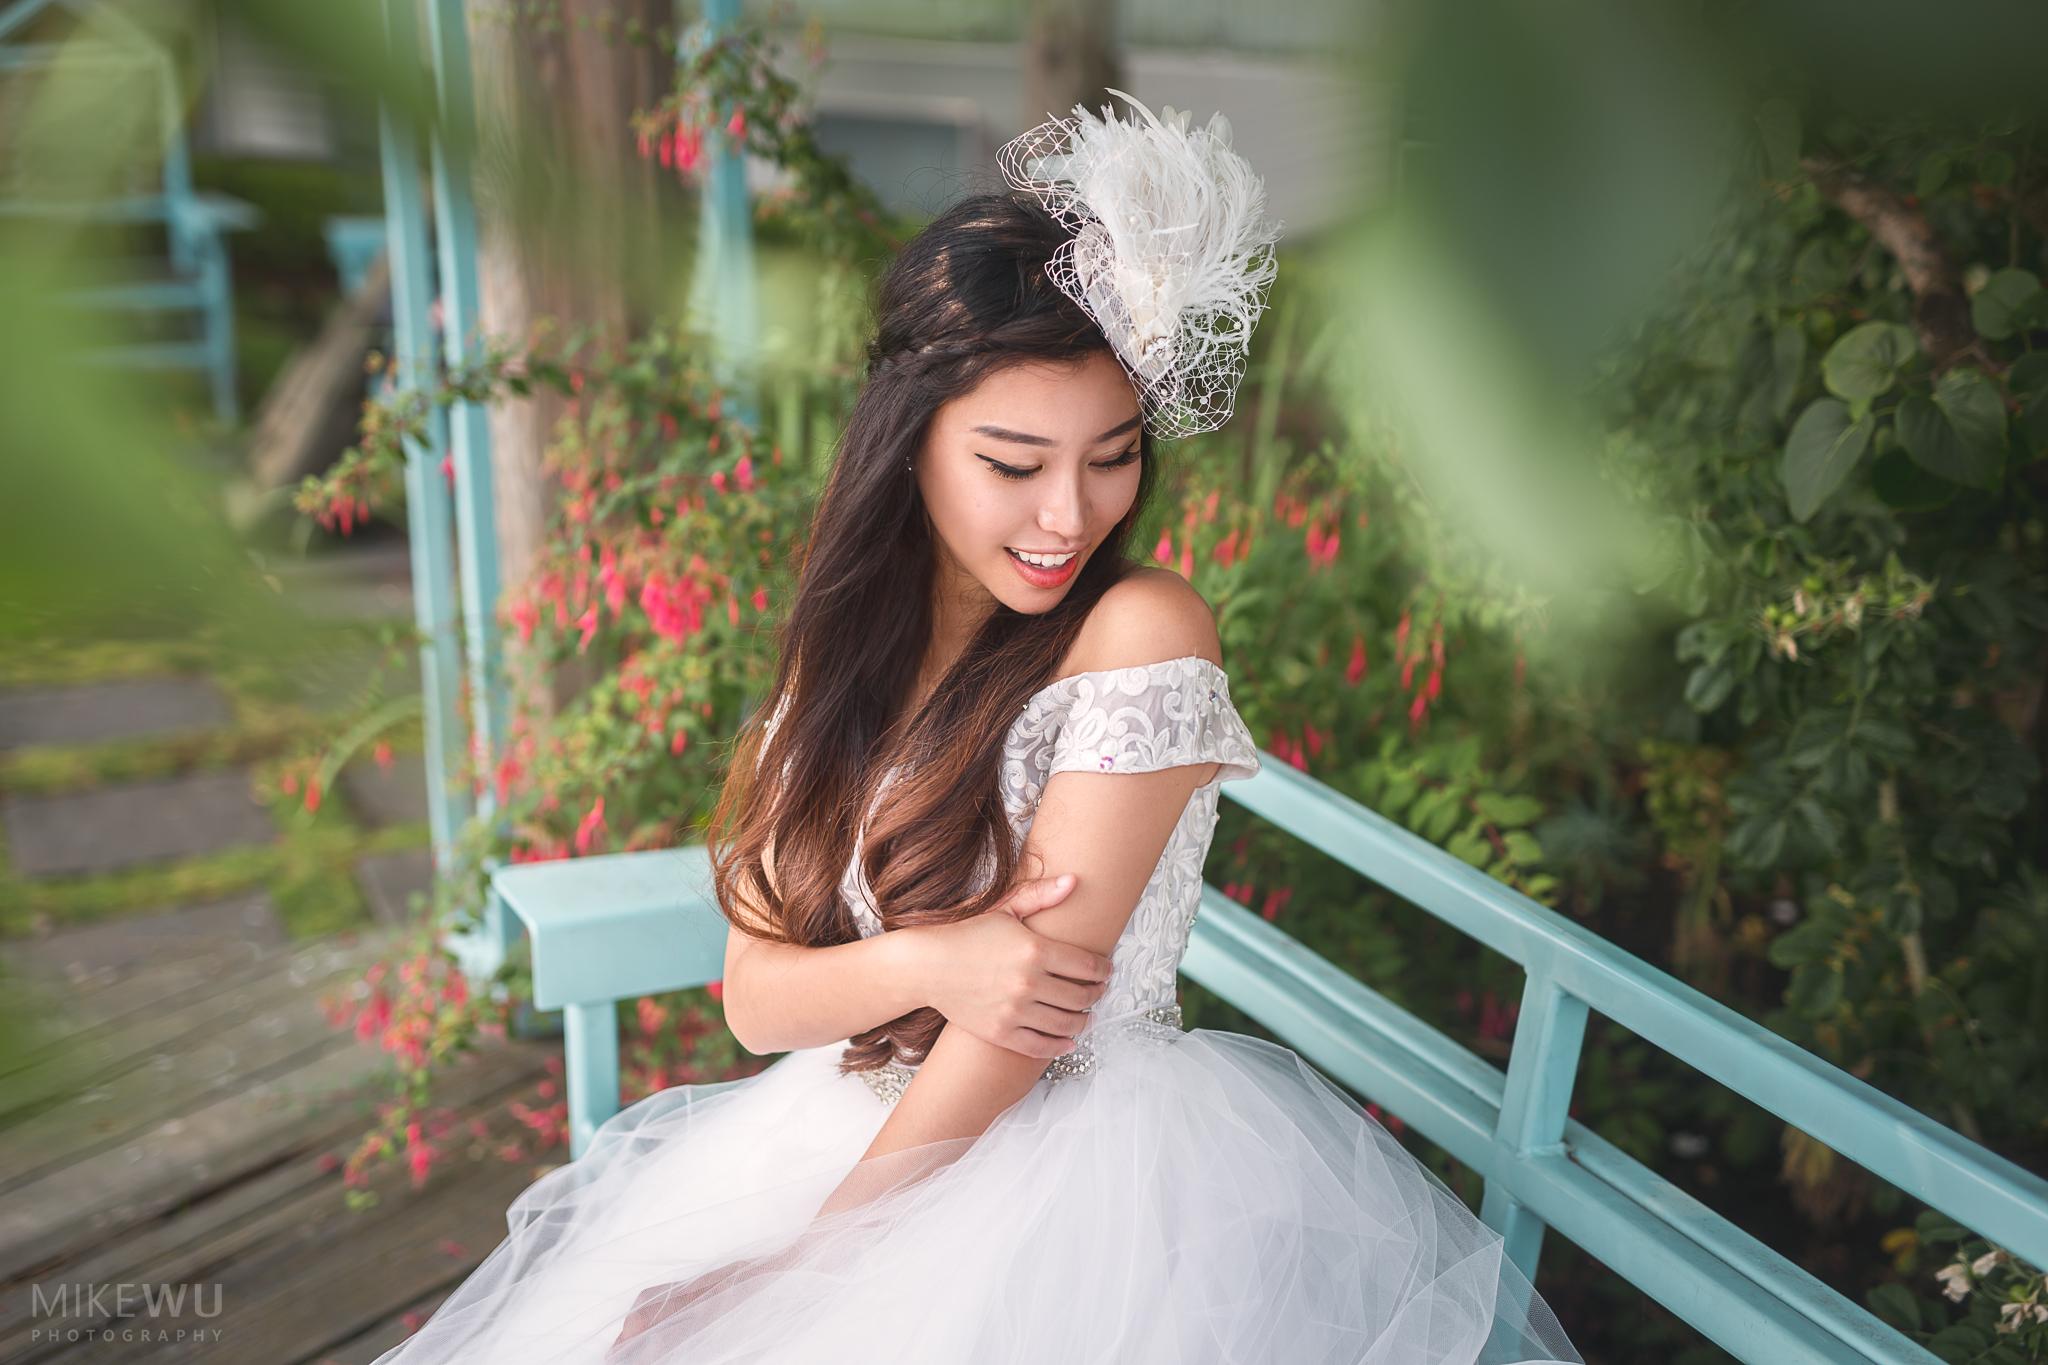 Vancouver Photographer Mike Wu fine art wedding portrait bride bridal white dress asian beautiful unique artistic style